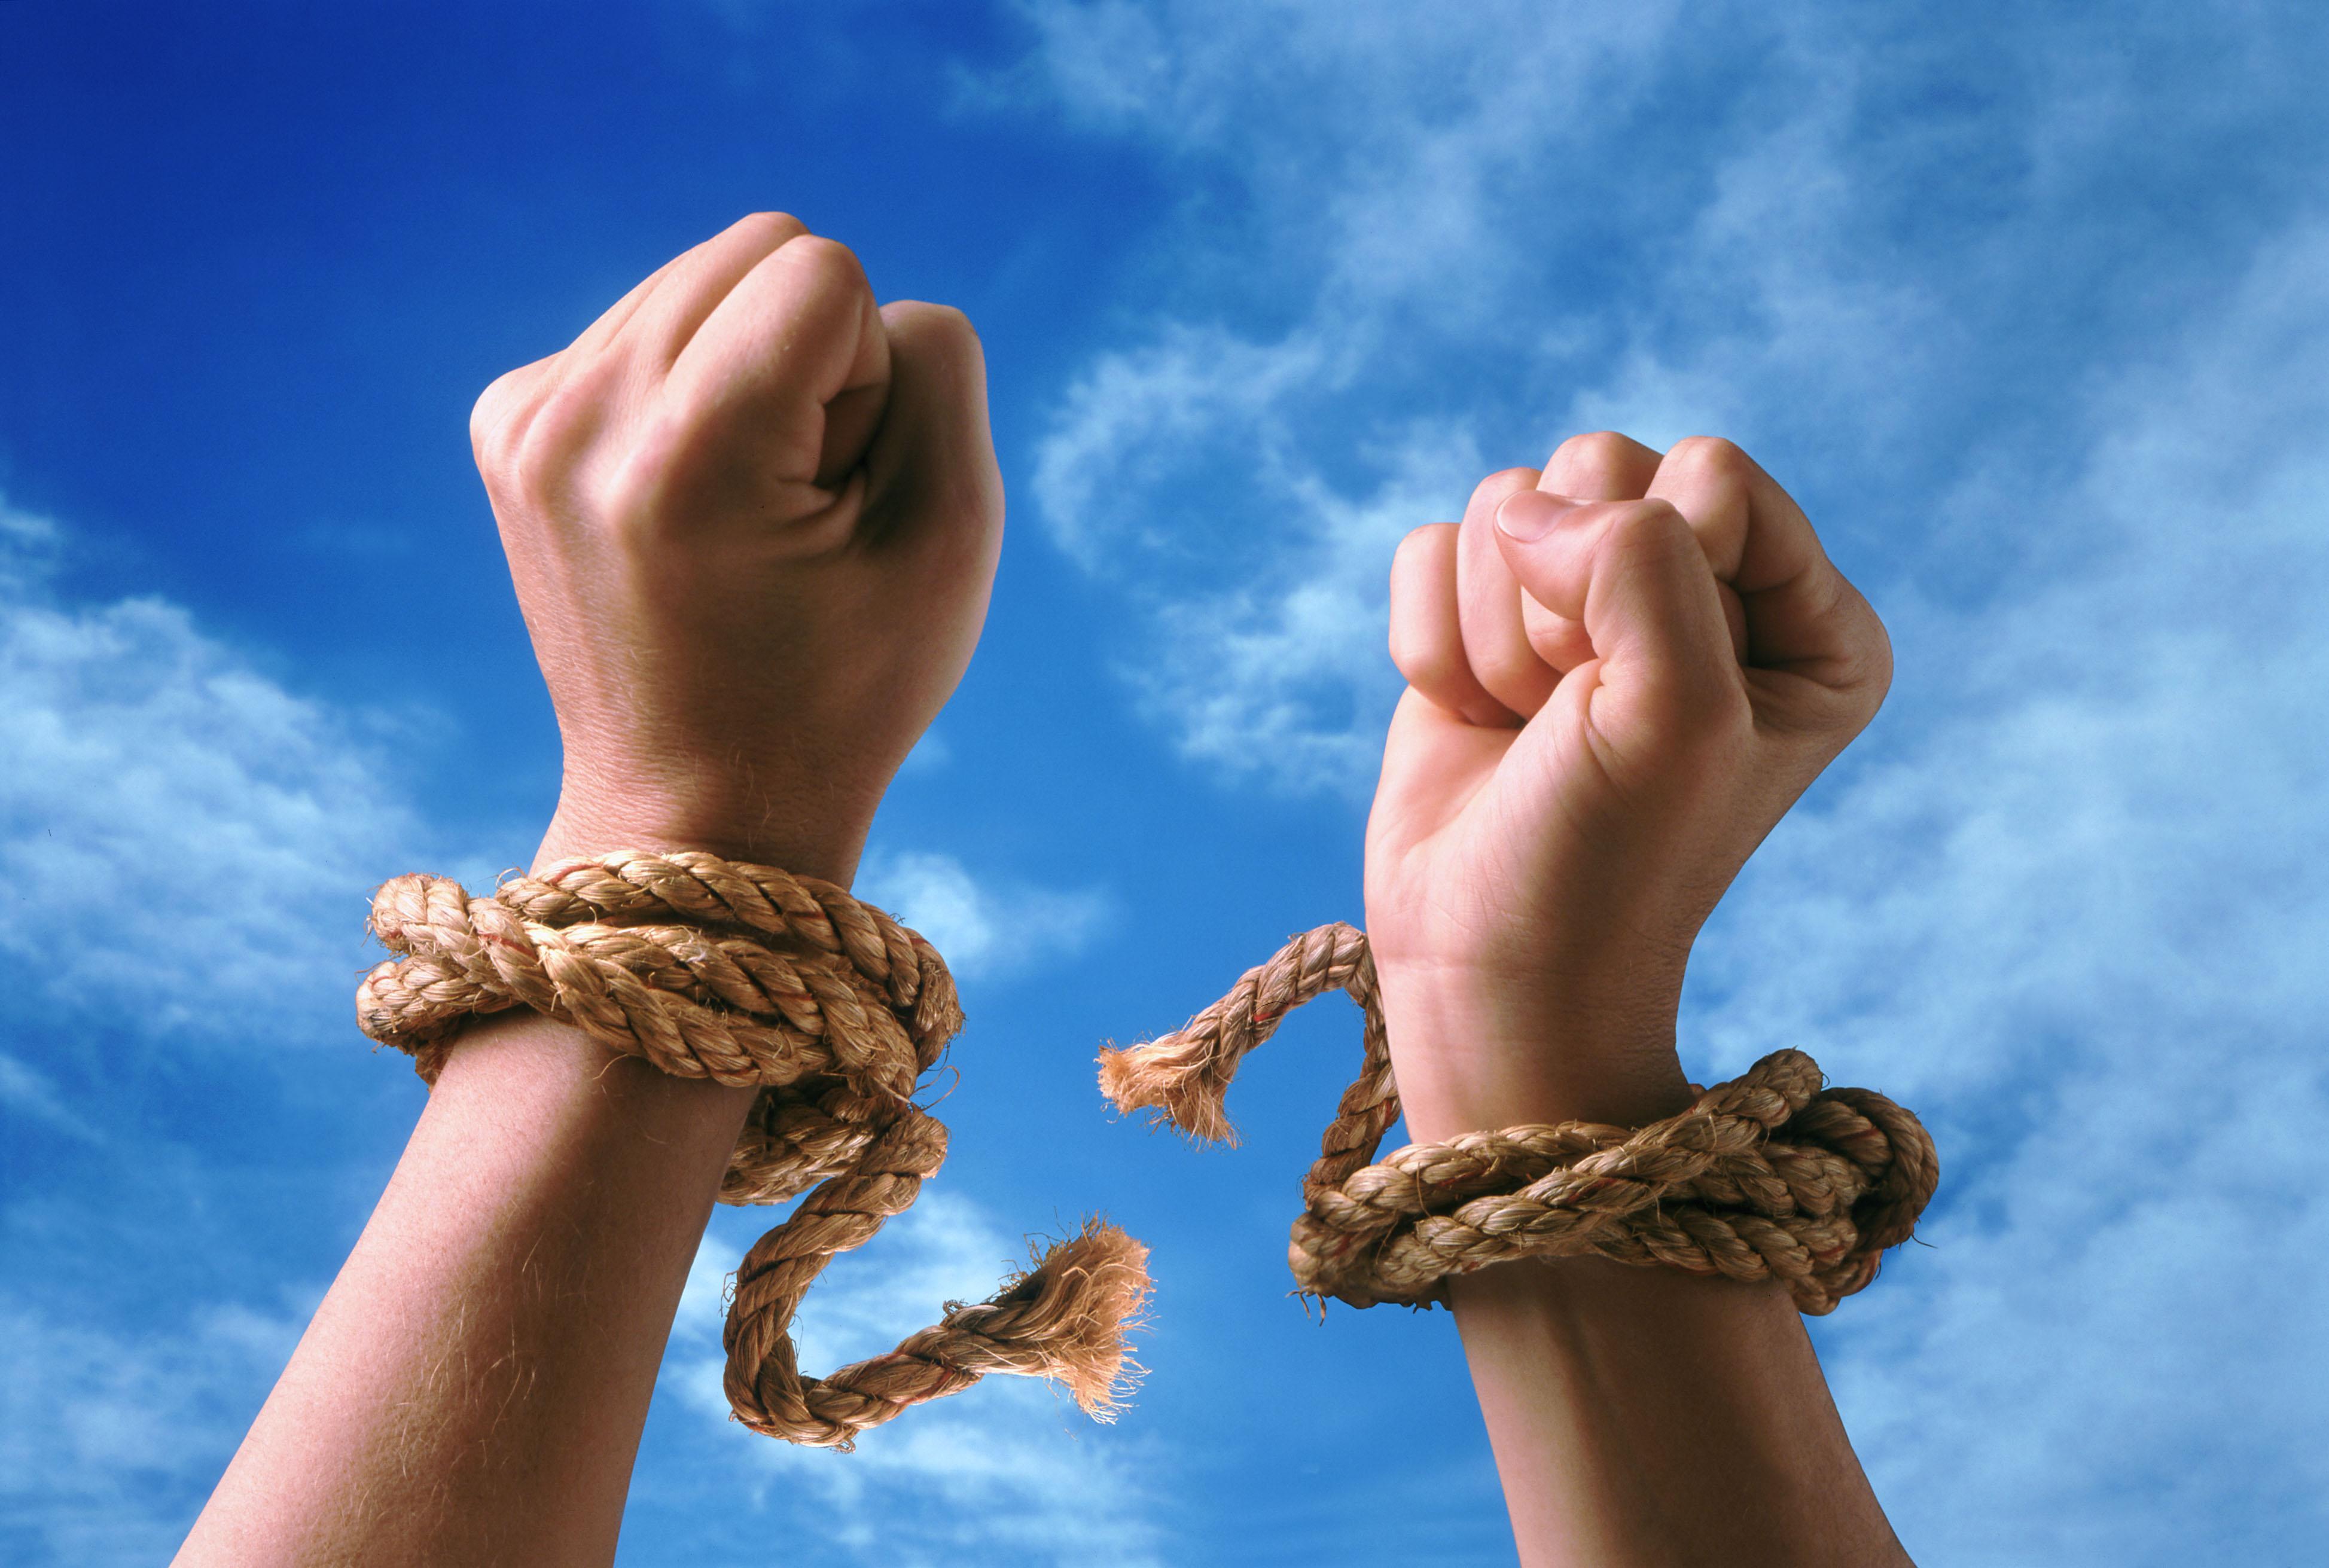 Фото символизирующее слова: свобода, разрывание пут (веревки)